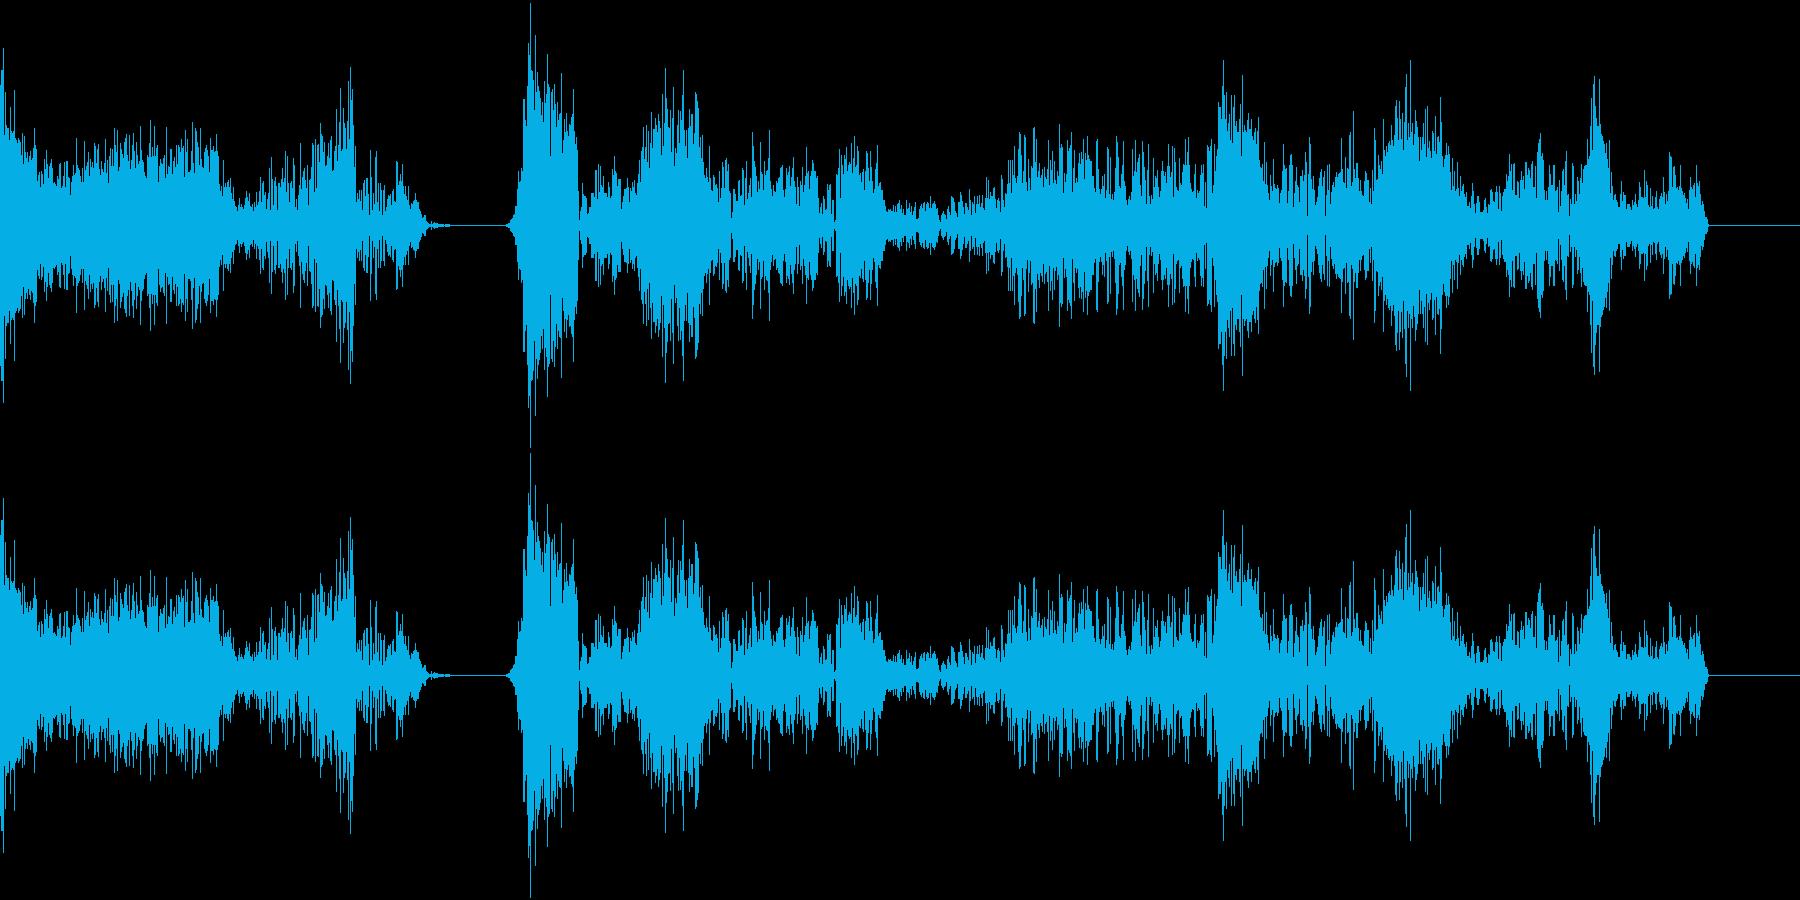 TVFX POPなザッピング音 8の再生済みの波形